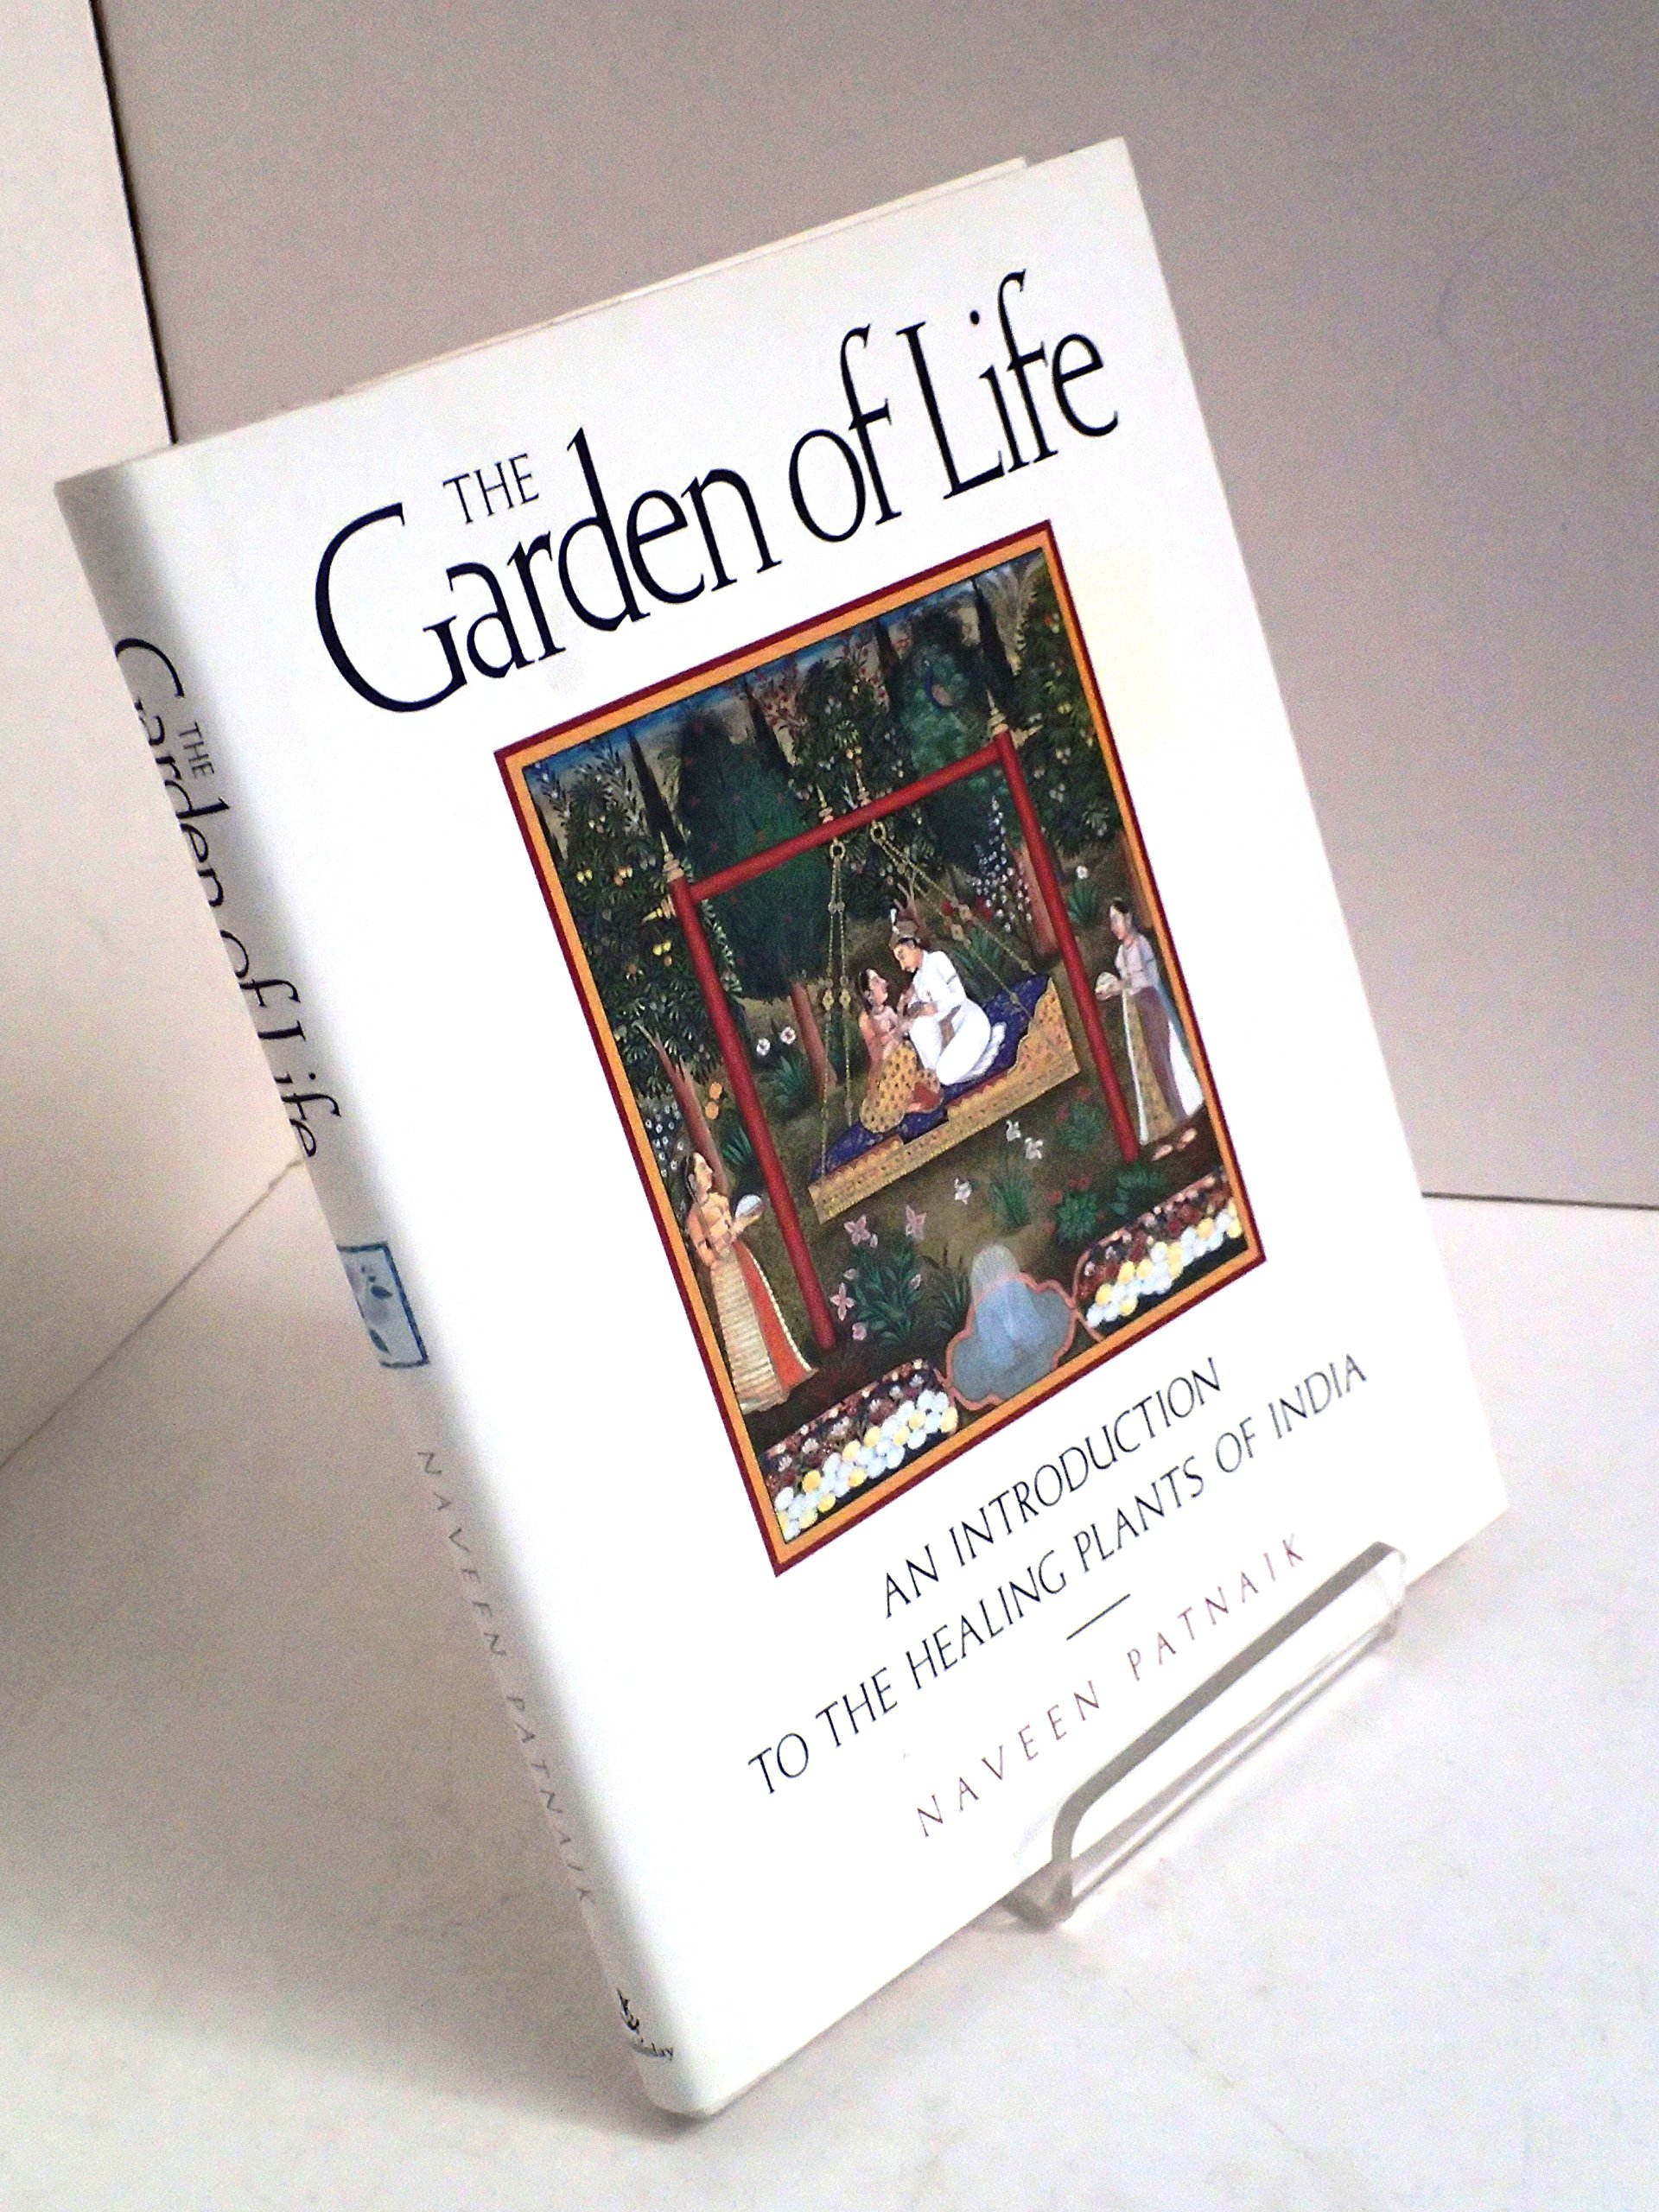 The-garden-of-life